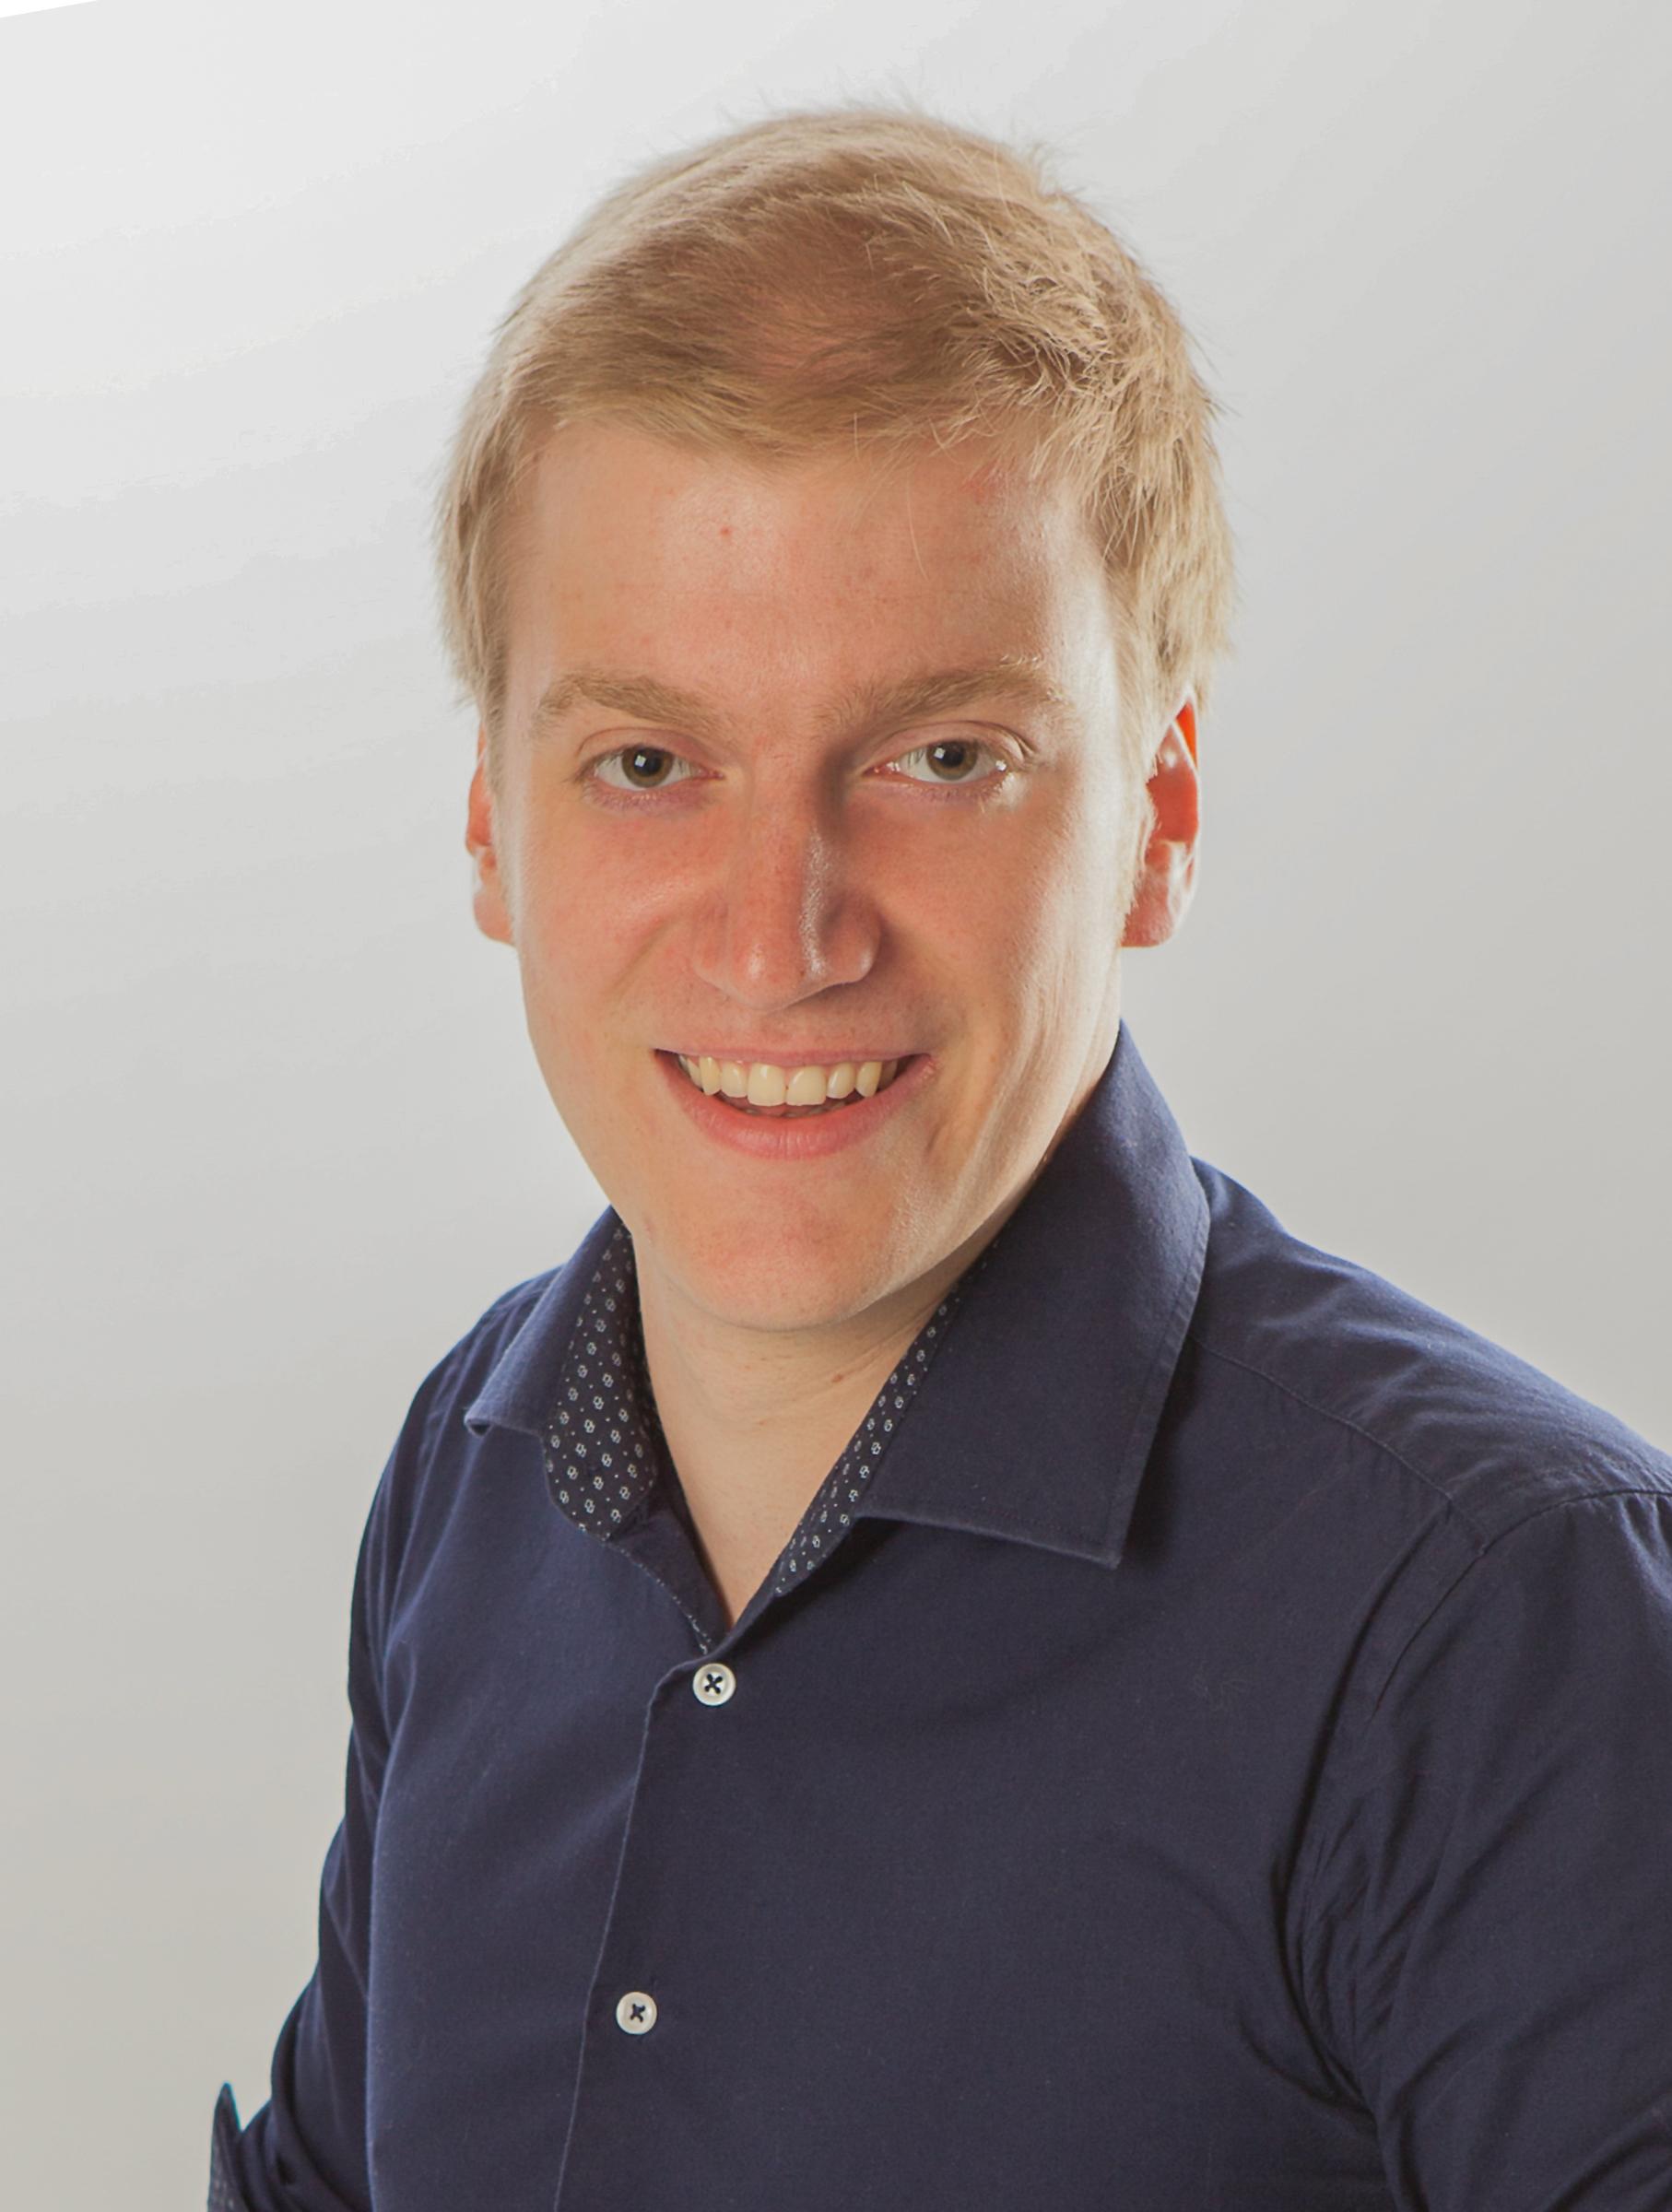 Martijn Pruijm